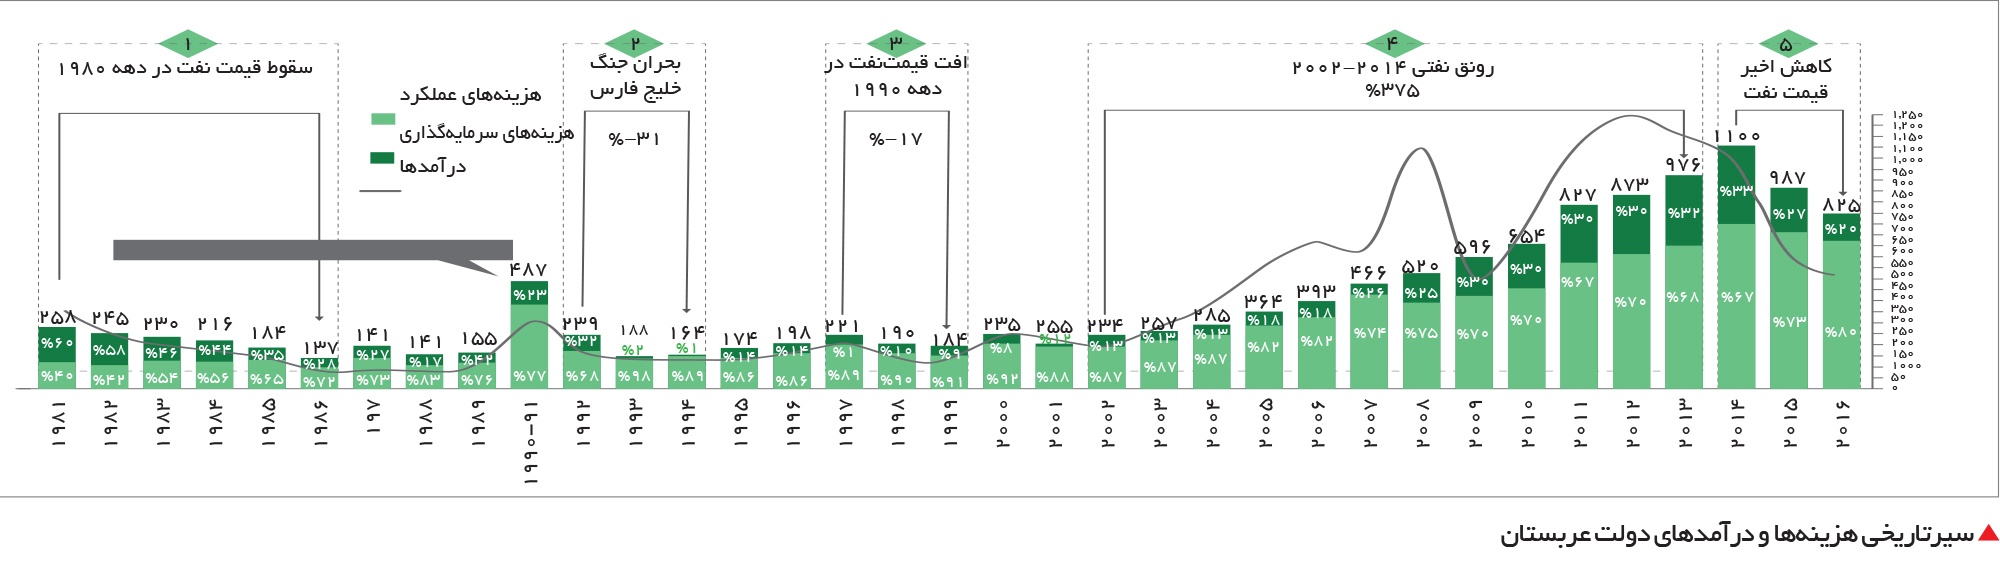 تجارت- فردا-  سیرتاریخی هزینهها و درآمدهای دولت عربستان